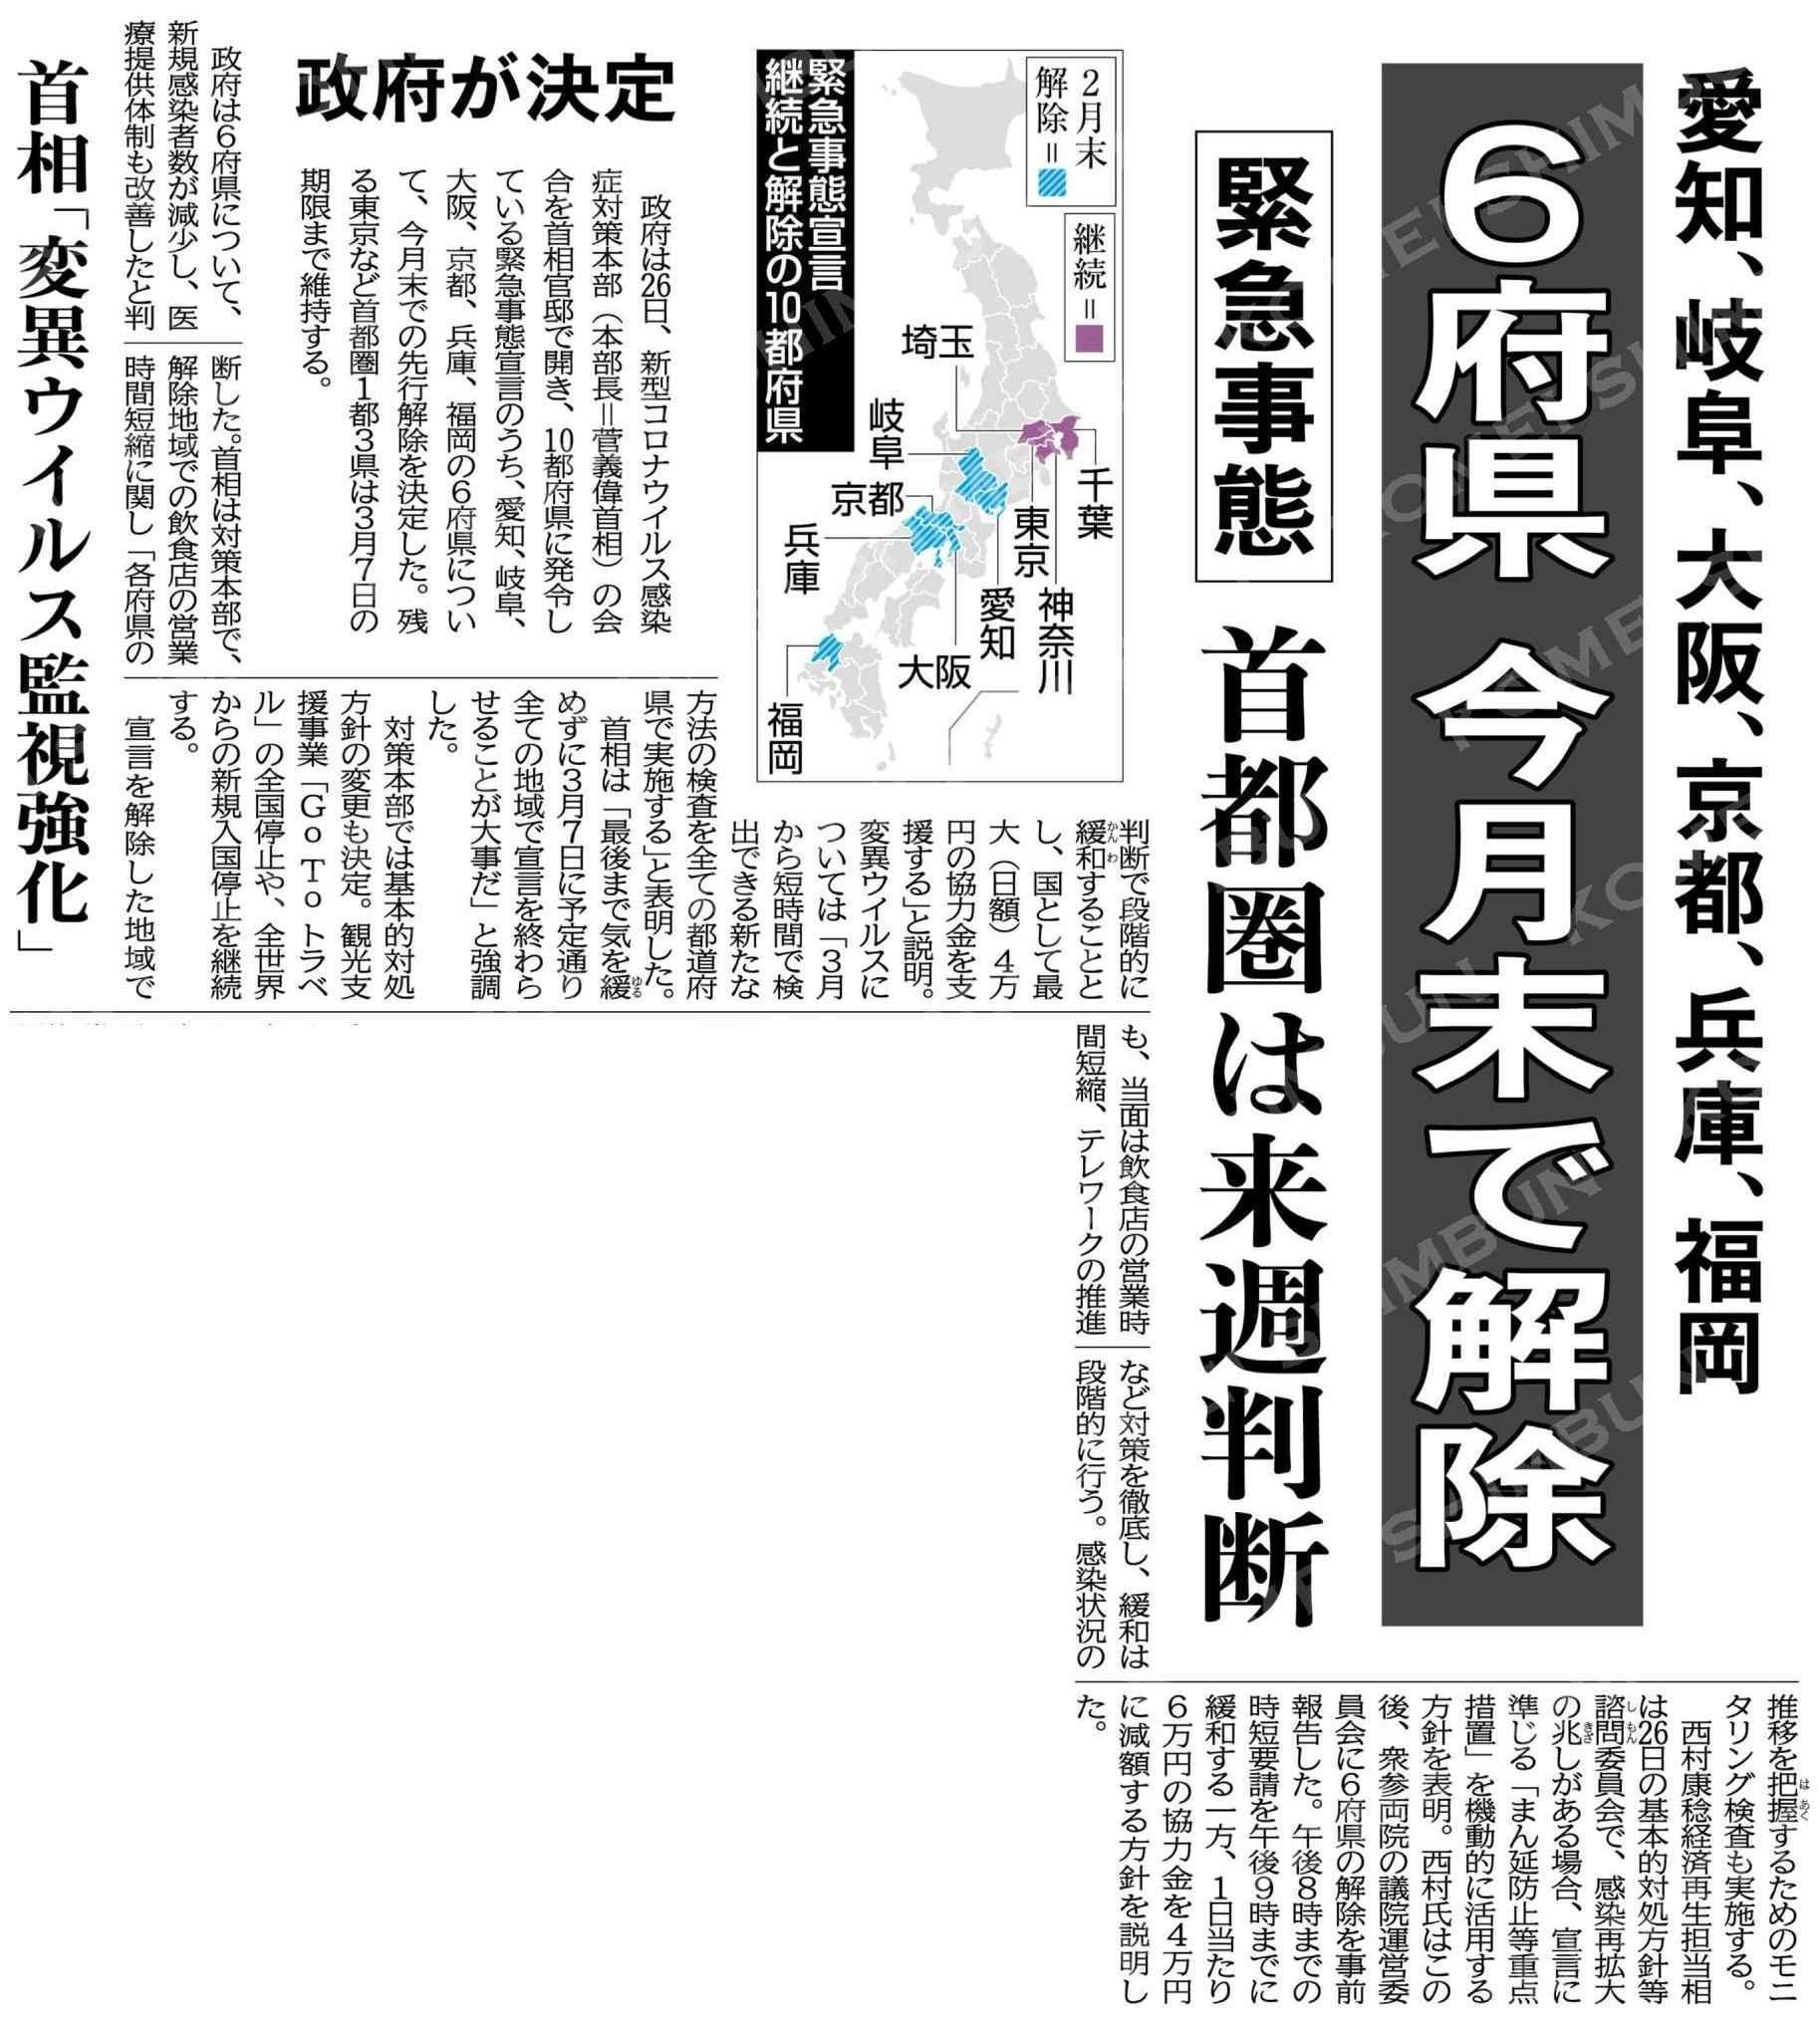 愛知 宣言 緊急 事態 解除 「まだ不安だが、経済が少しずつ戻る期待も…」 愛知県の緊急事態宣言解除で浜松市の舘山寺は